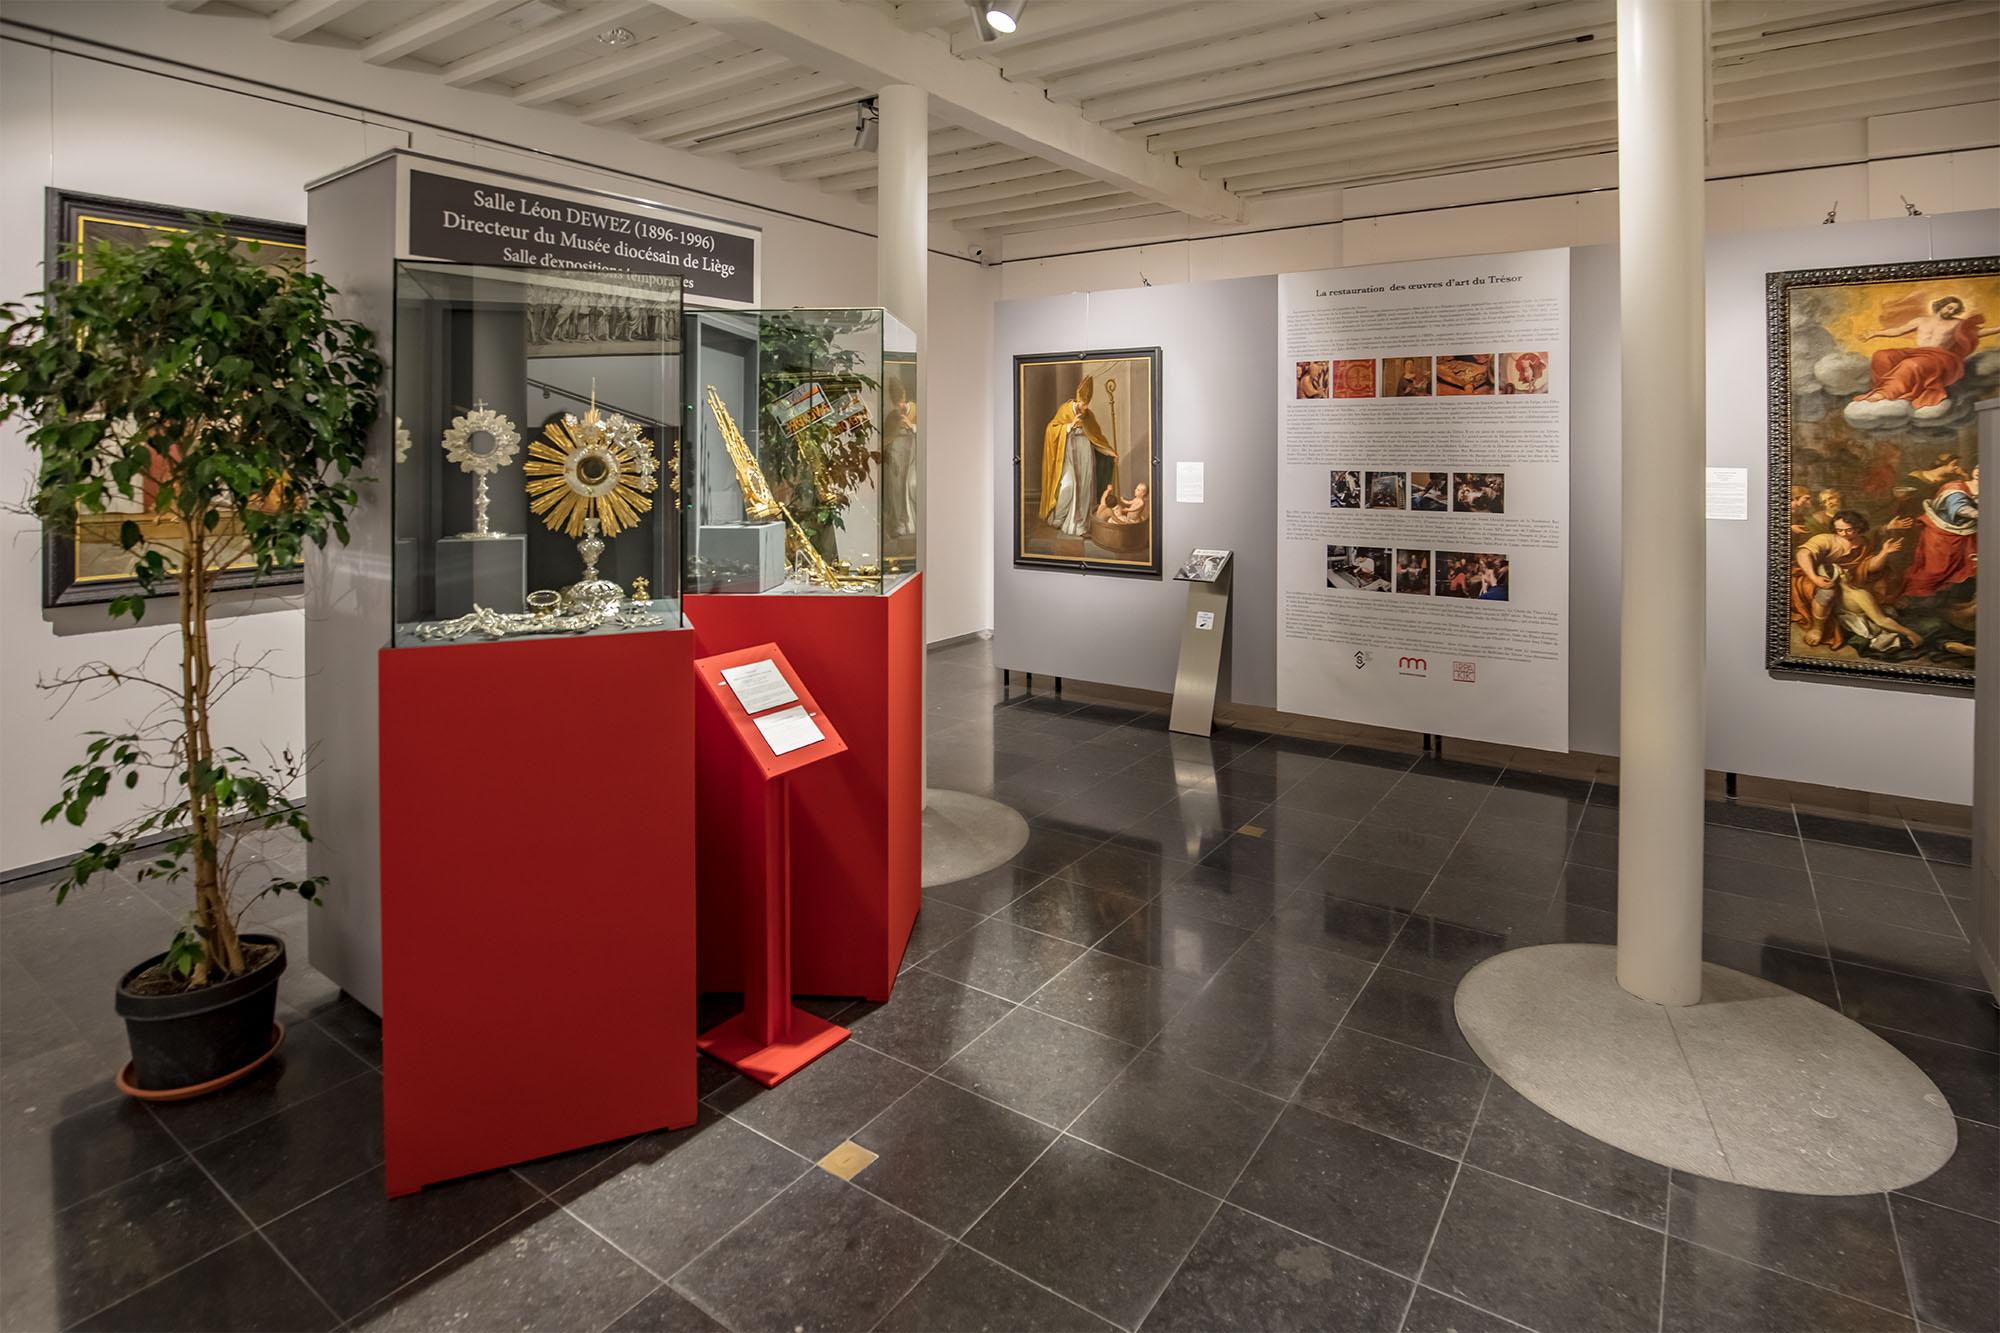 Nouvelle exposition la restauration des uvres d art du for Jardin expo 2016 liege